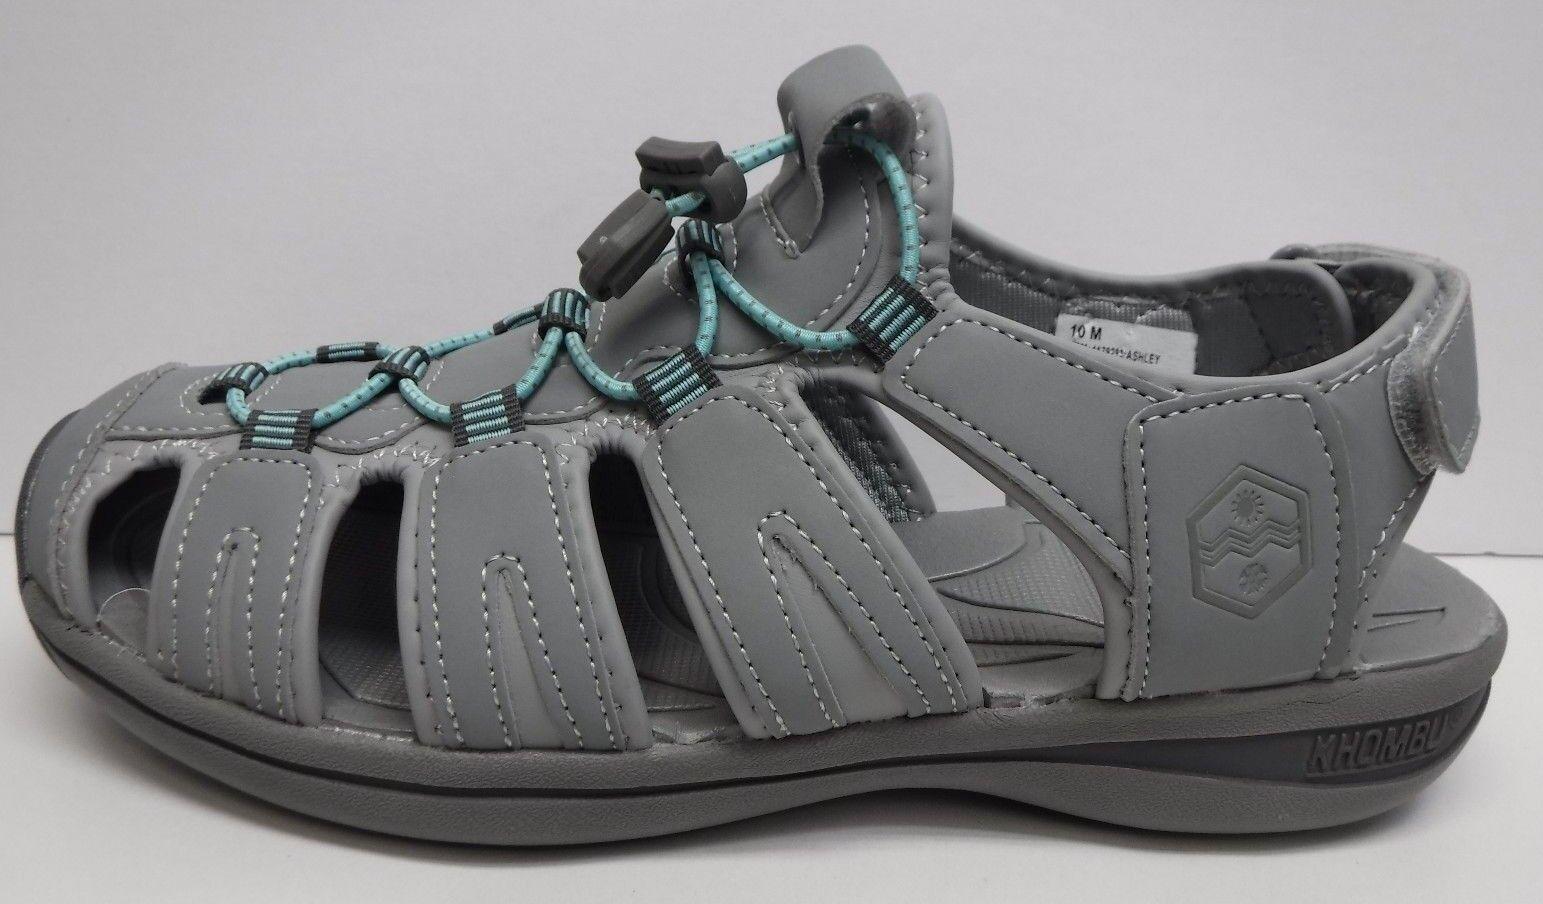 Khombu Größe 10 Damenschuhe Gray Active Sandales New Damenschuhe 10 Schuhes f3eeff